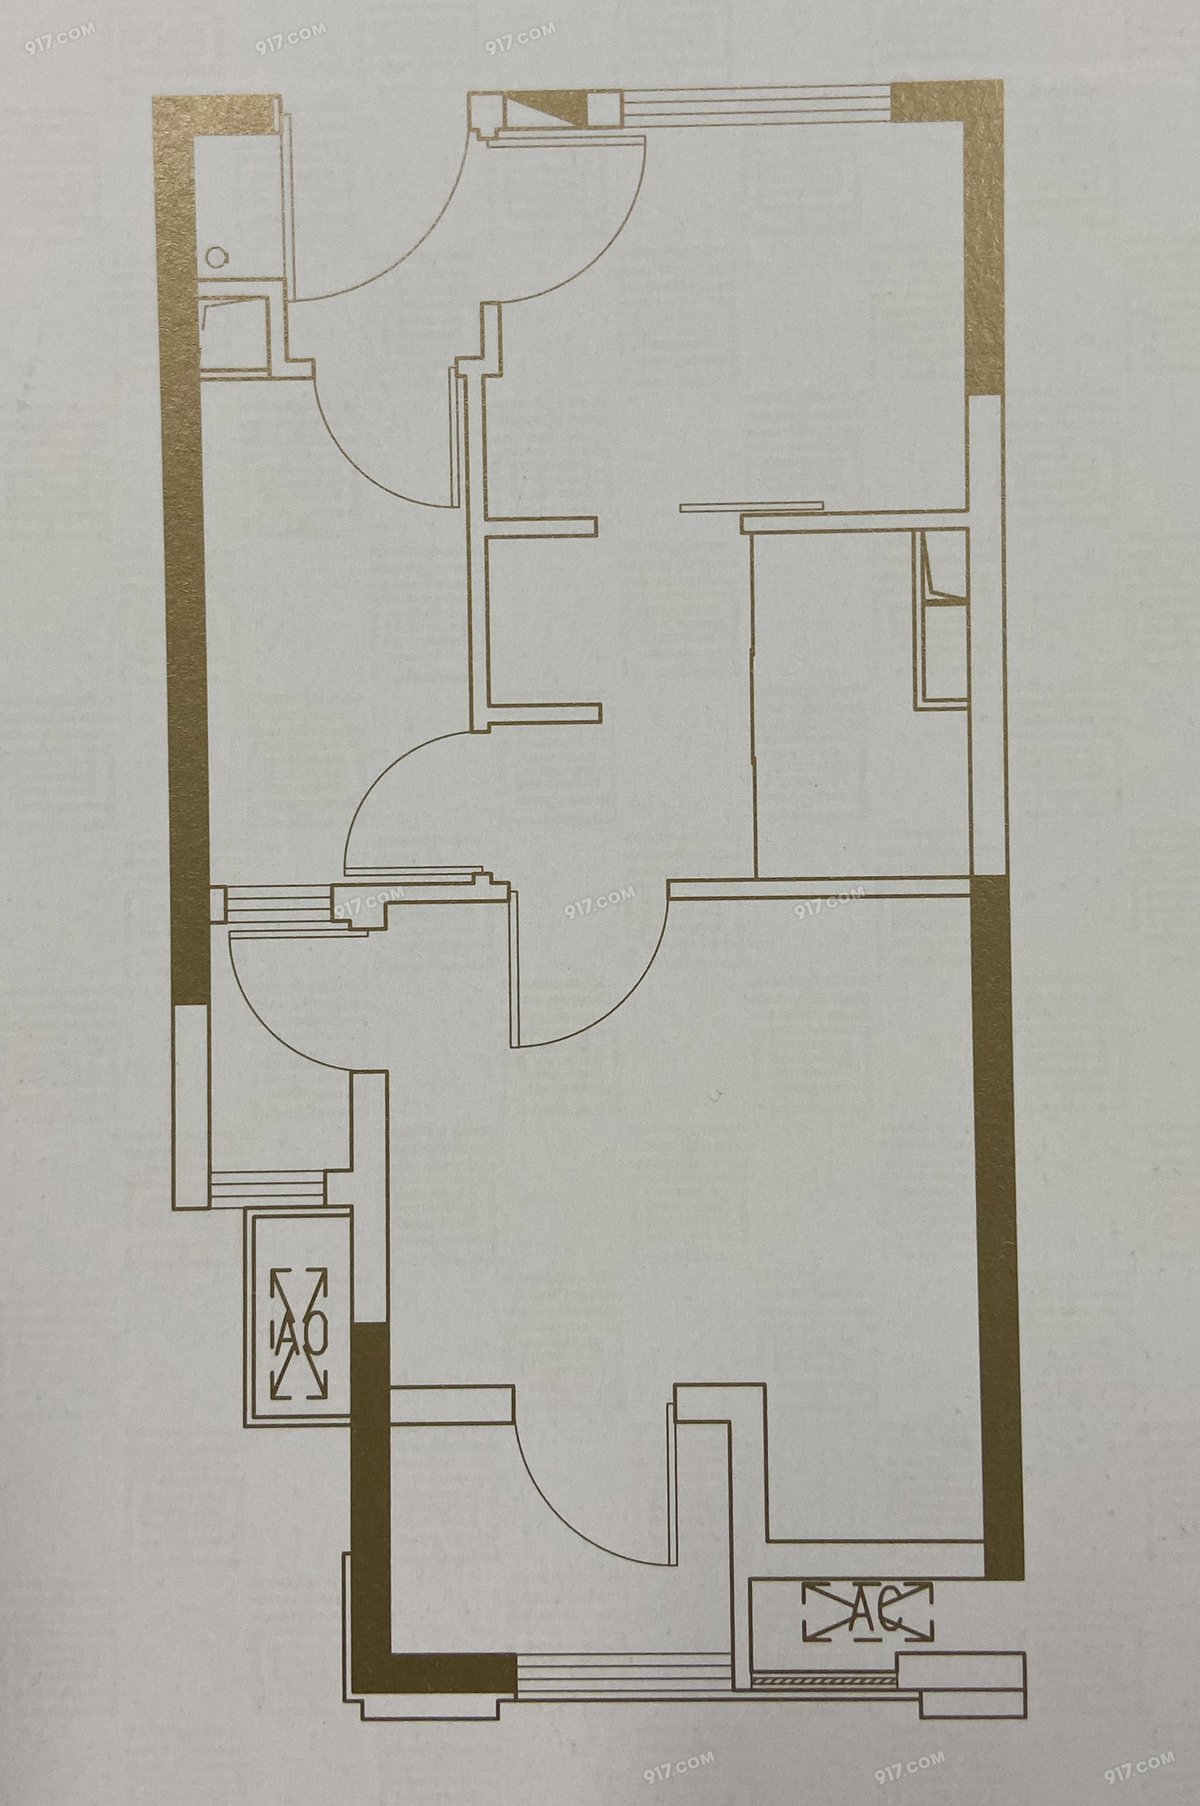 B1户型46㎡两房